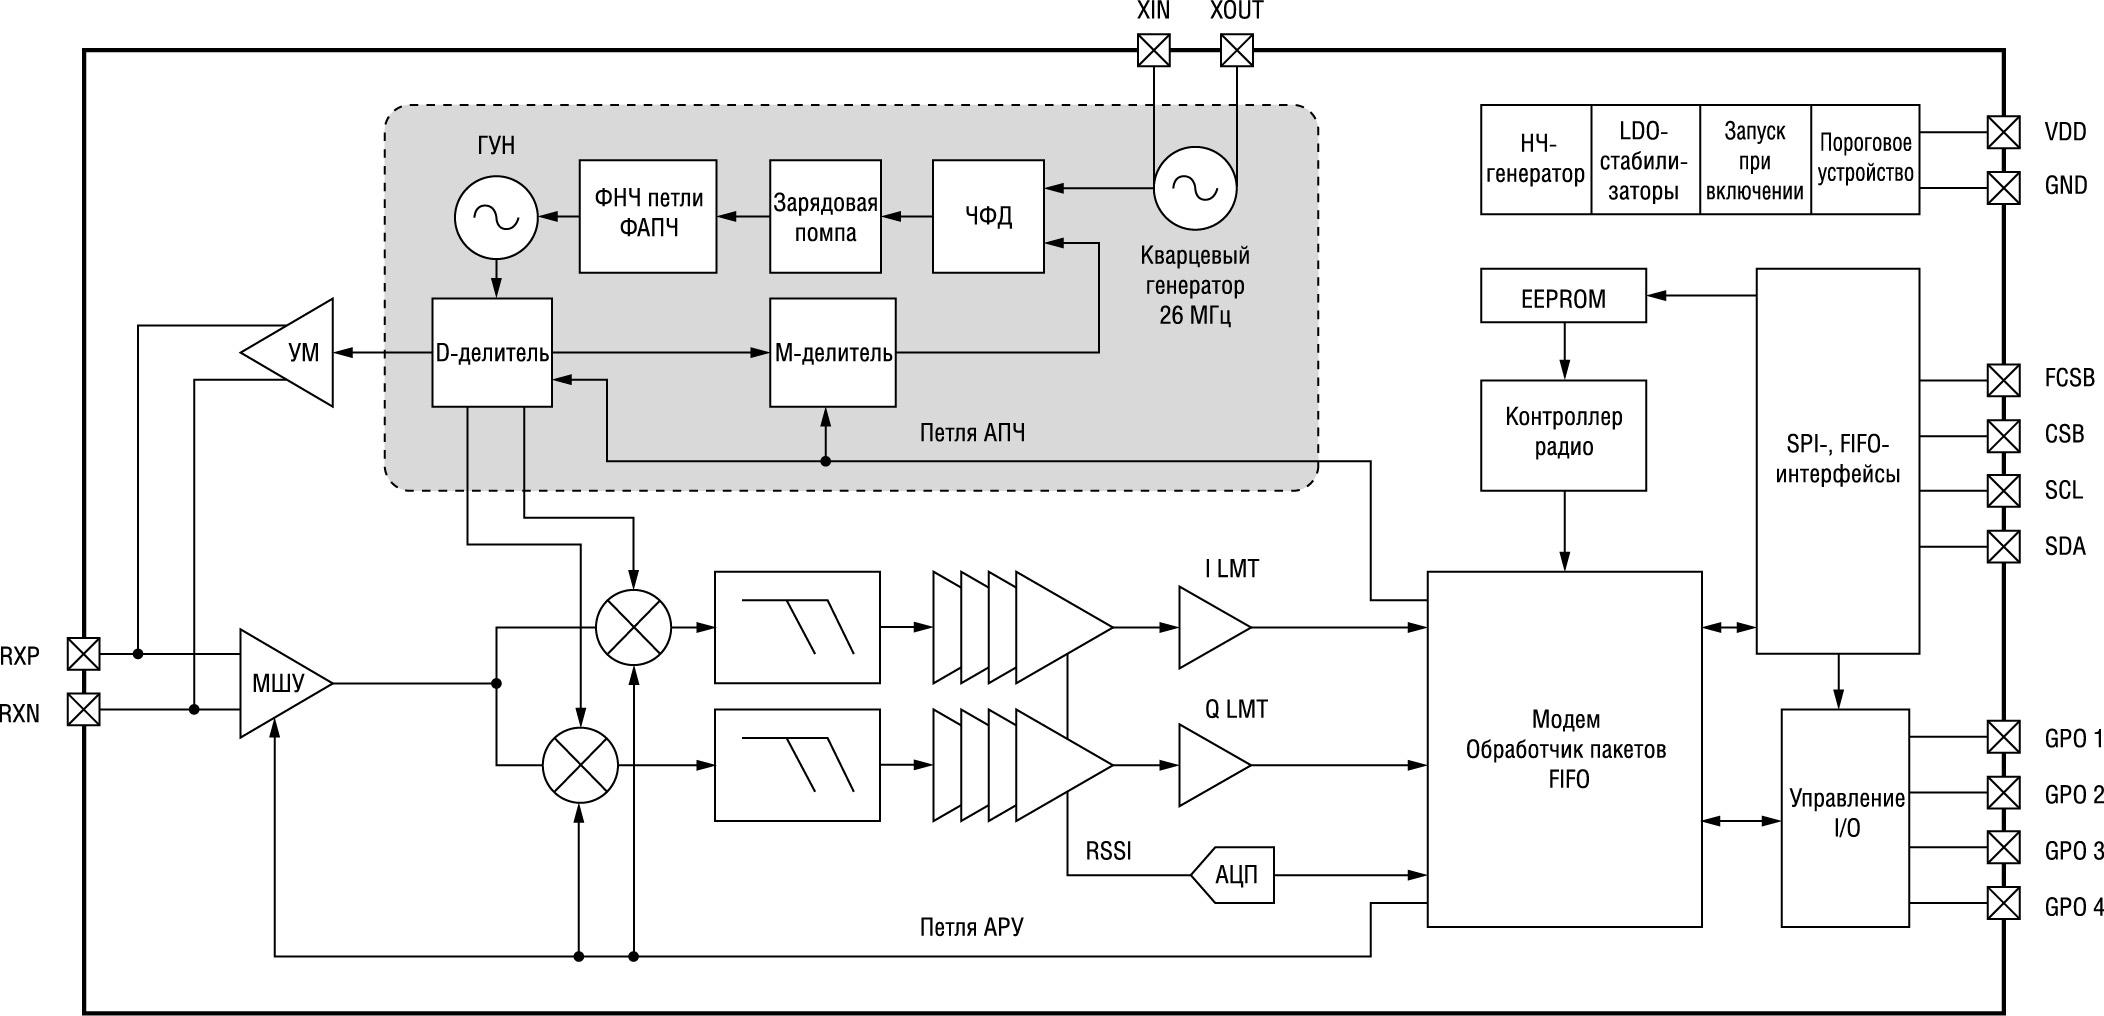 Блок-схема трансивера CMT2300A